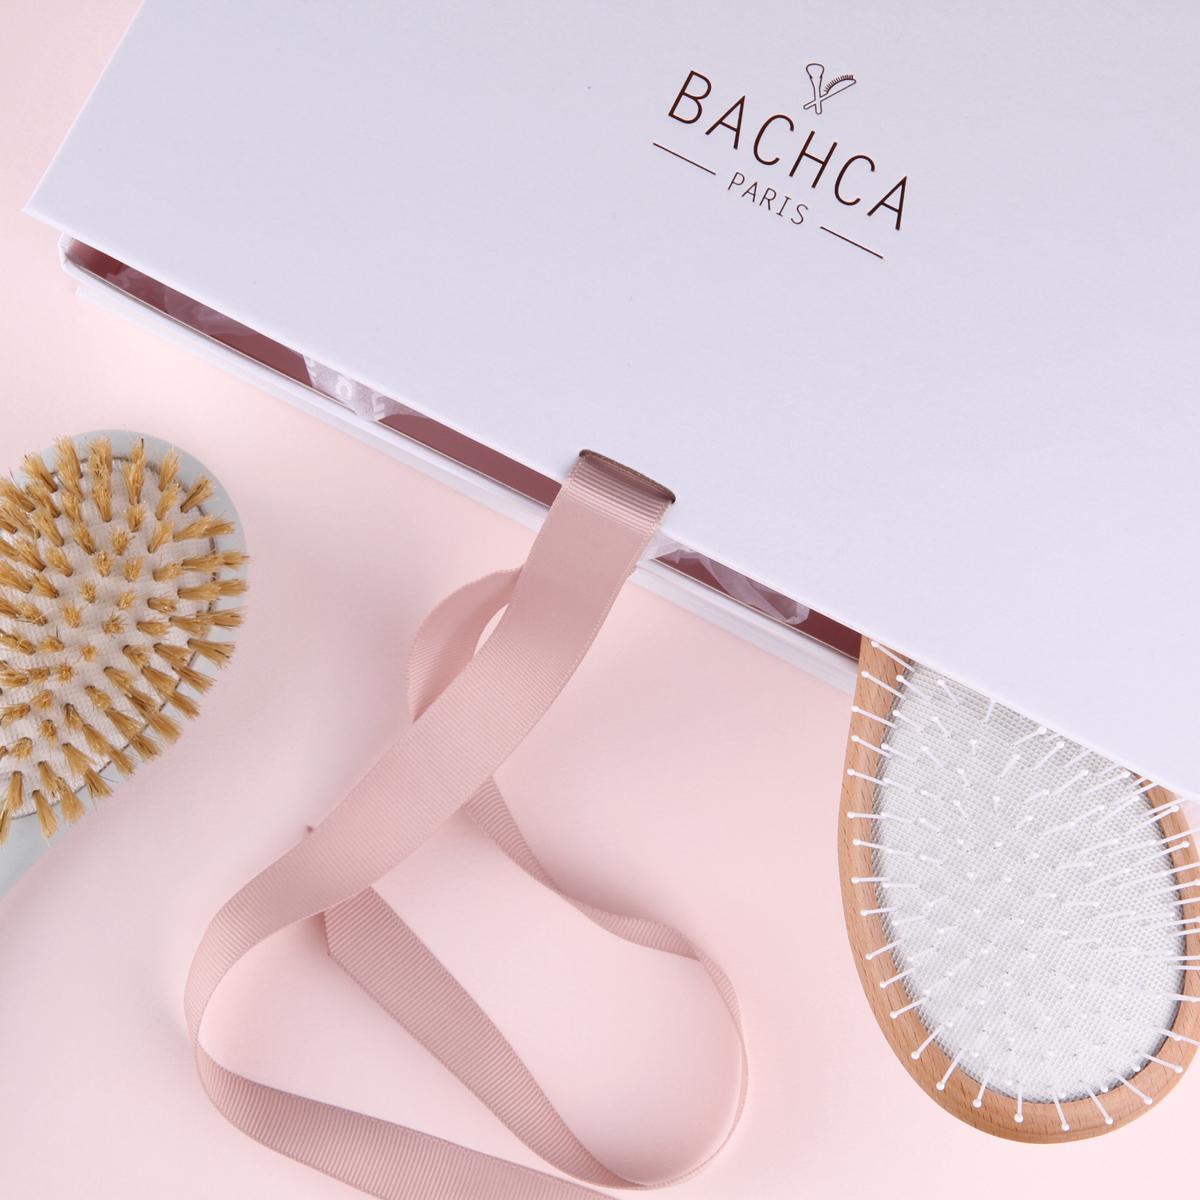 Coffret cadeau Bachca et brosses